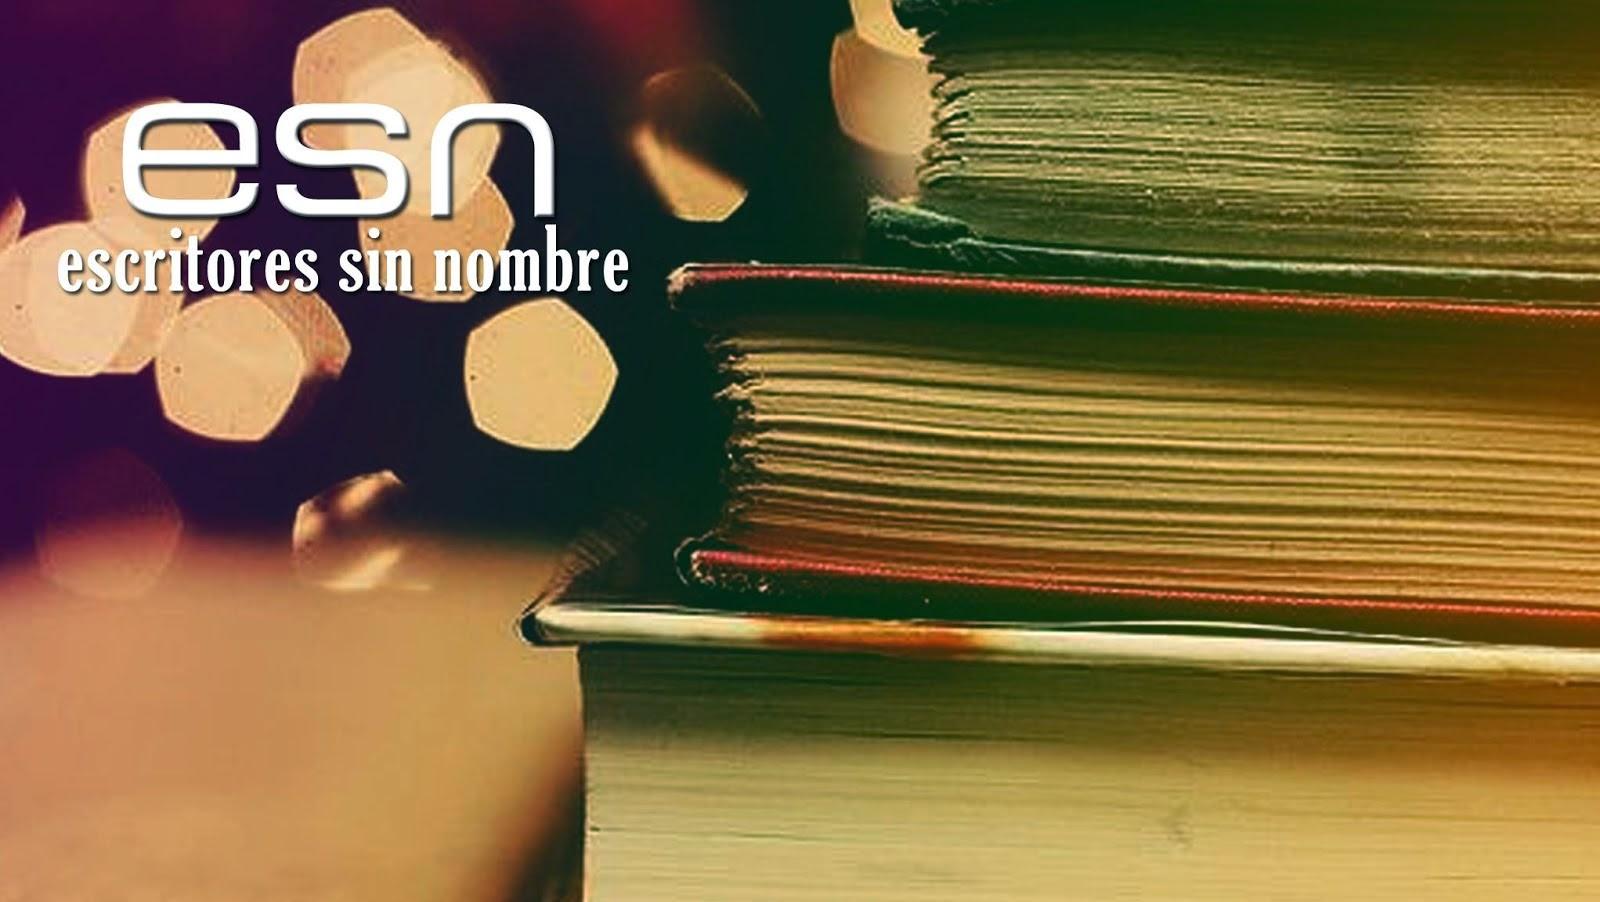 Blog social de literatura